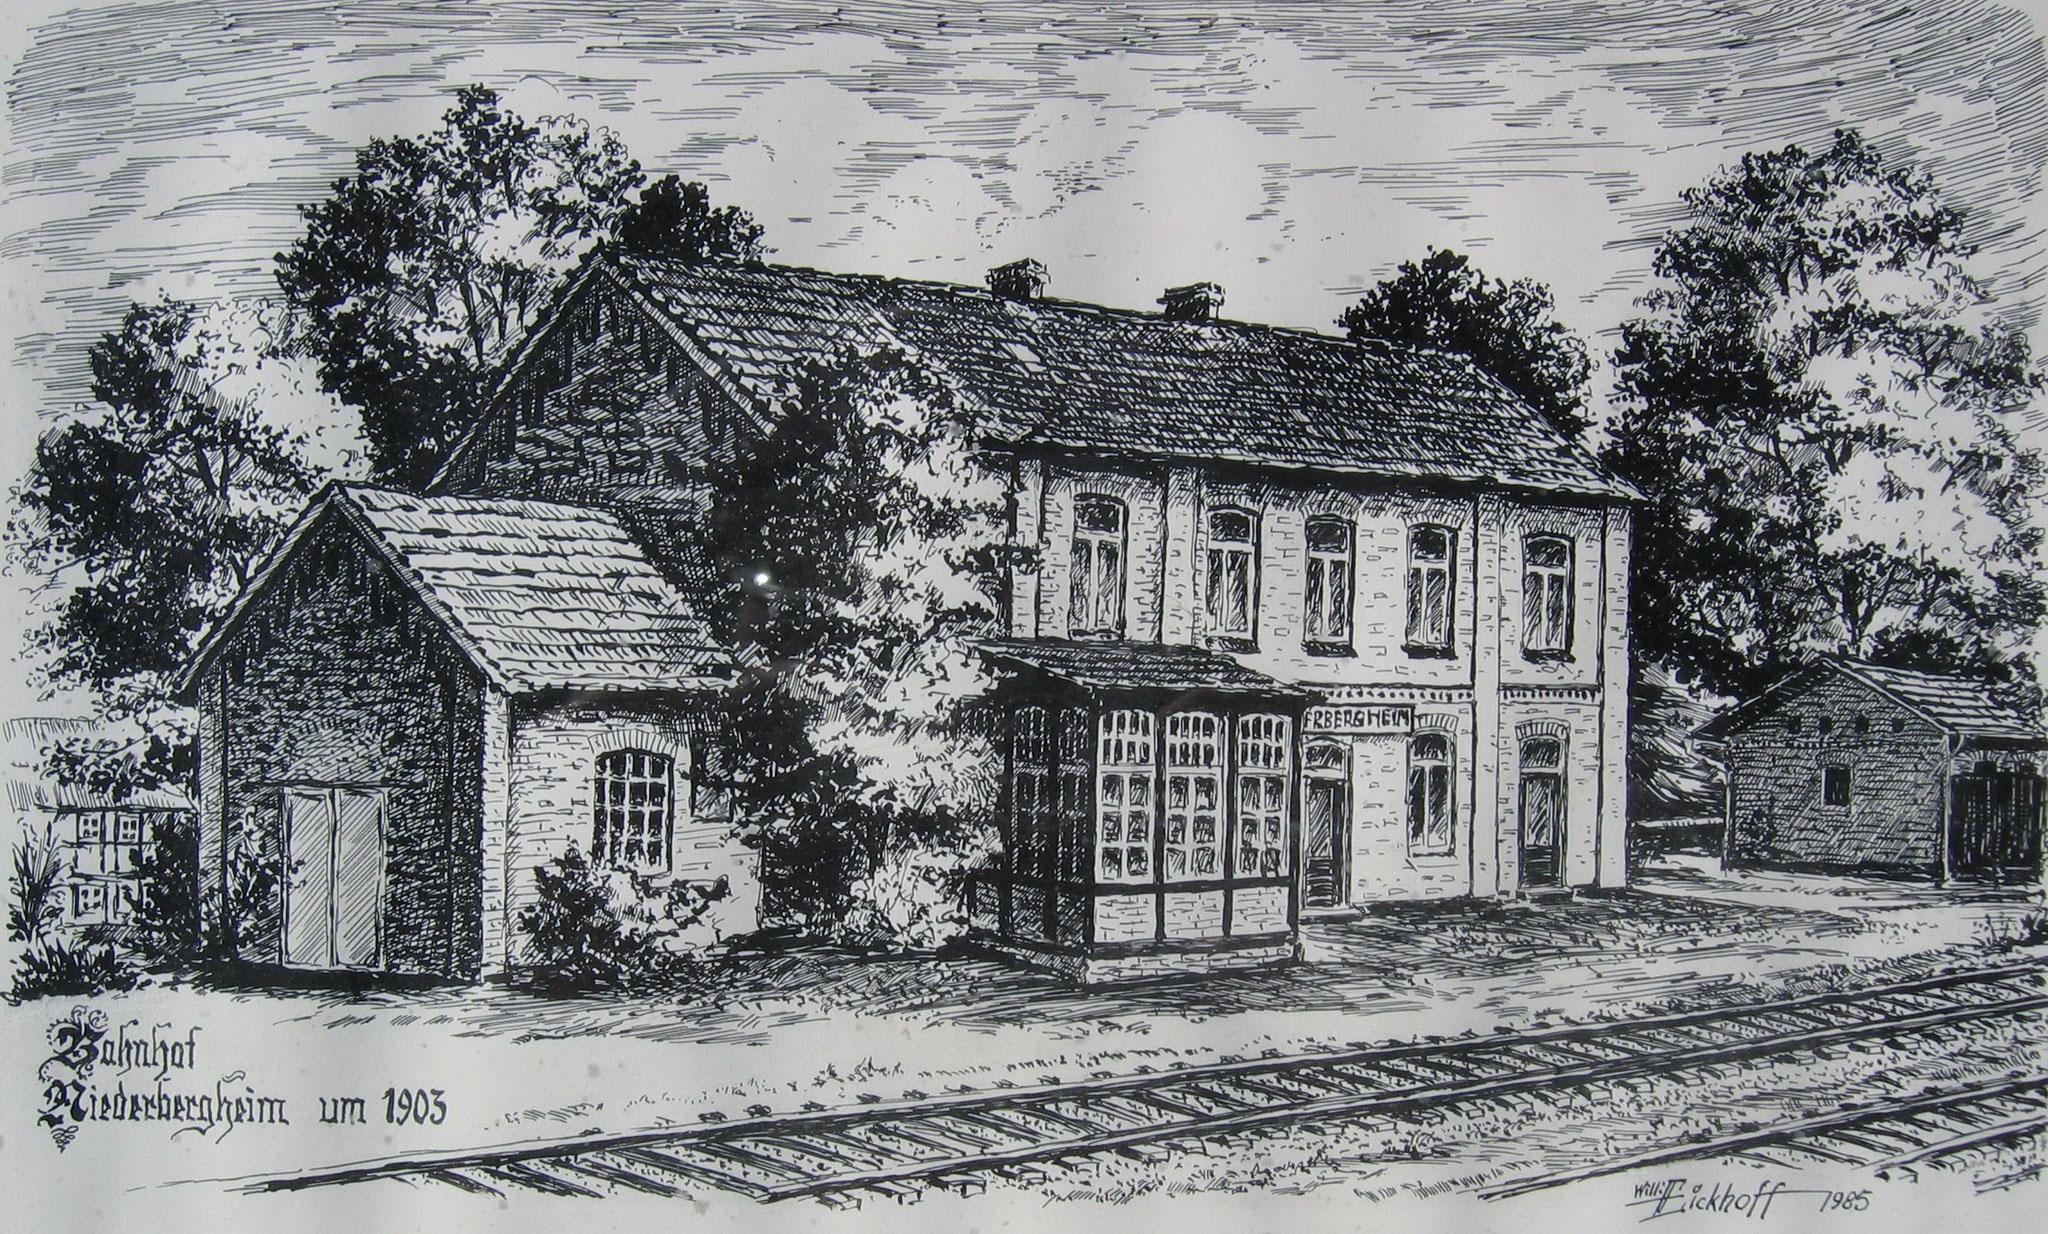 Der Bahnhof der WLE um 1903 - Zeichnung von Willy Eickhoff